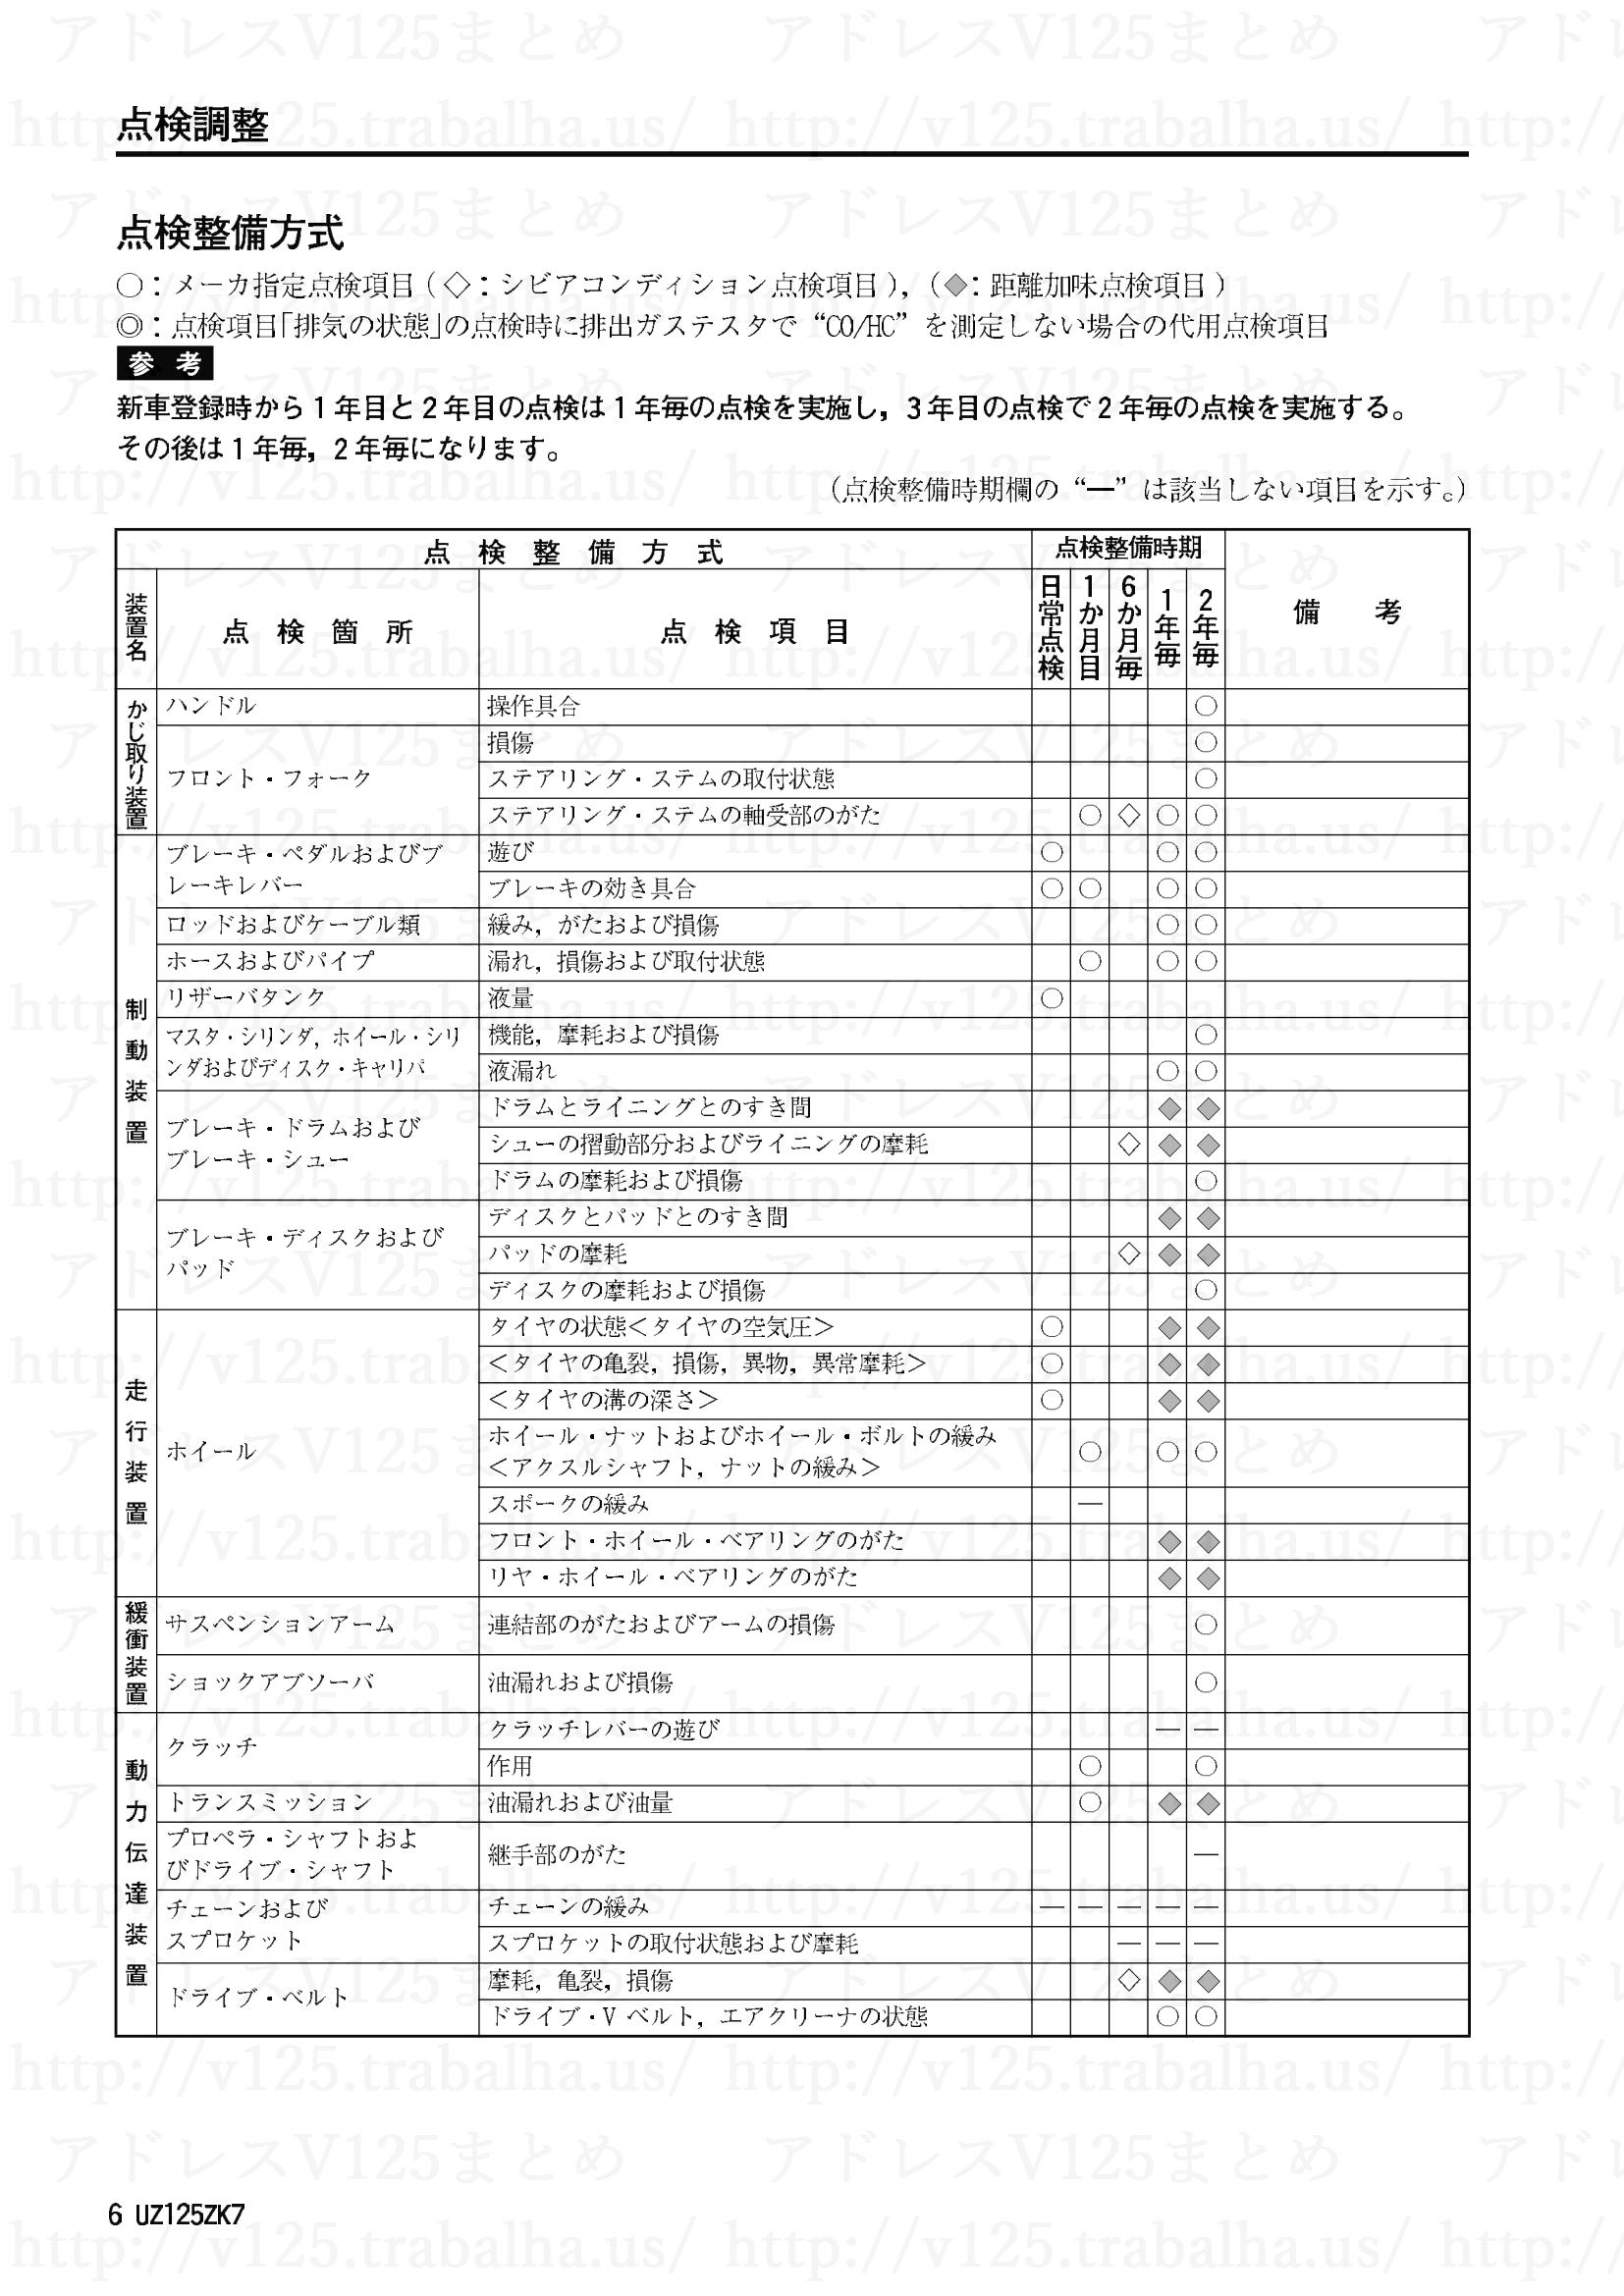 追補【UZ125ZK7】旧モデルとの主な相違点6